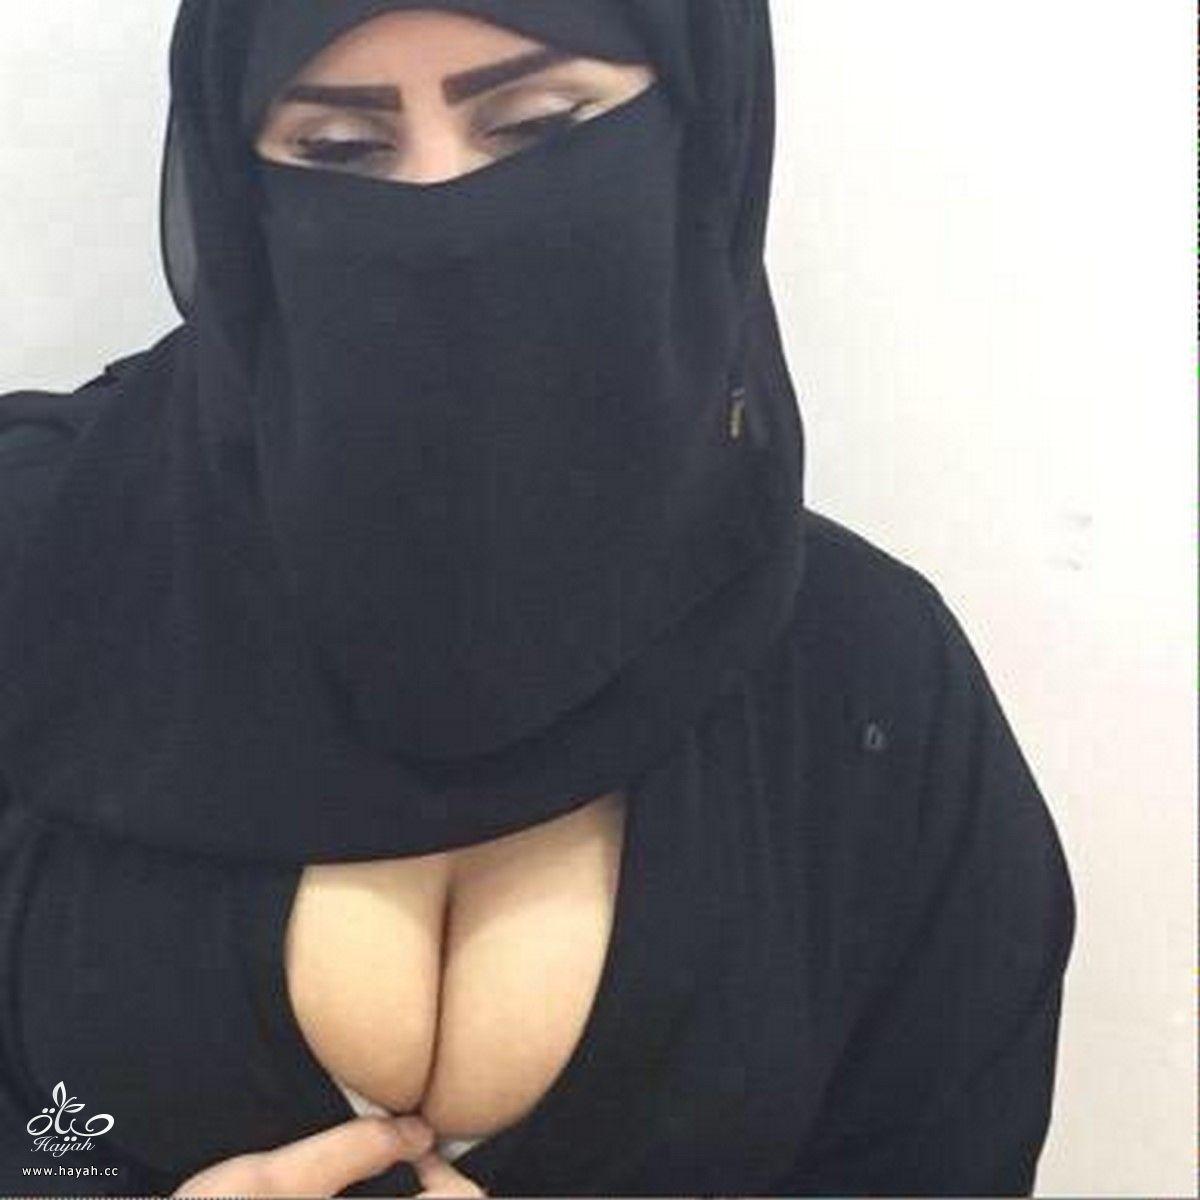 Vidéos Porno de Hijab Sex Pictures  Pornhubcom